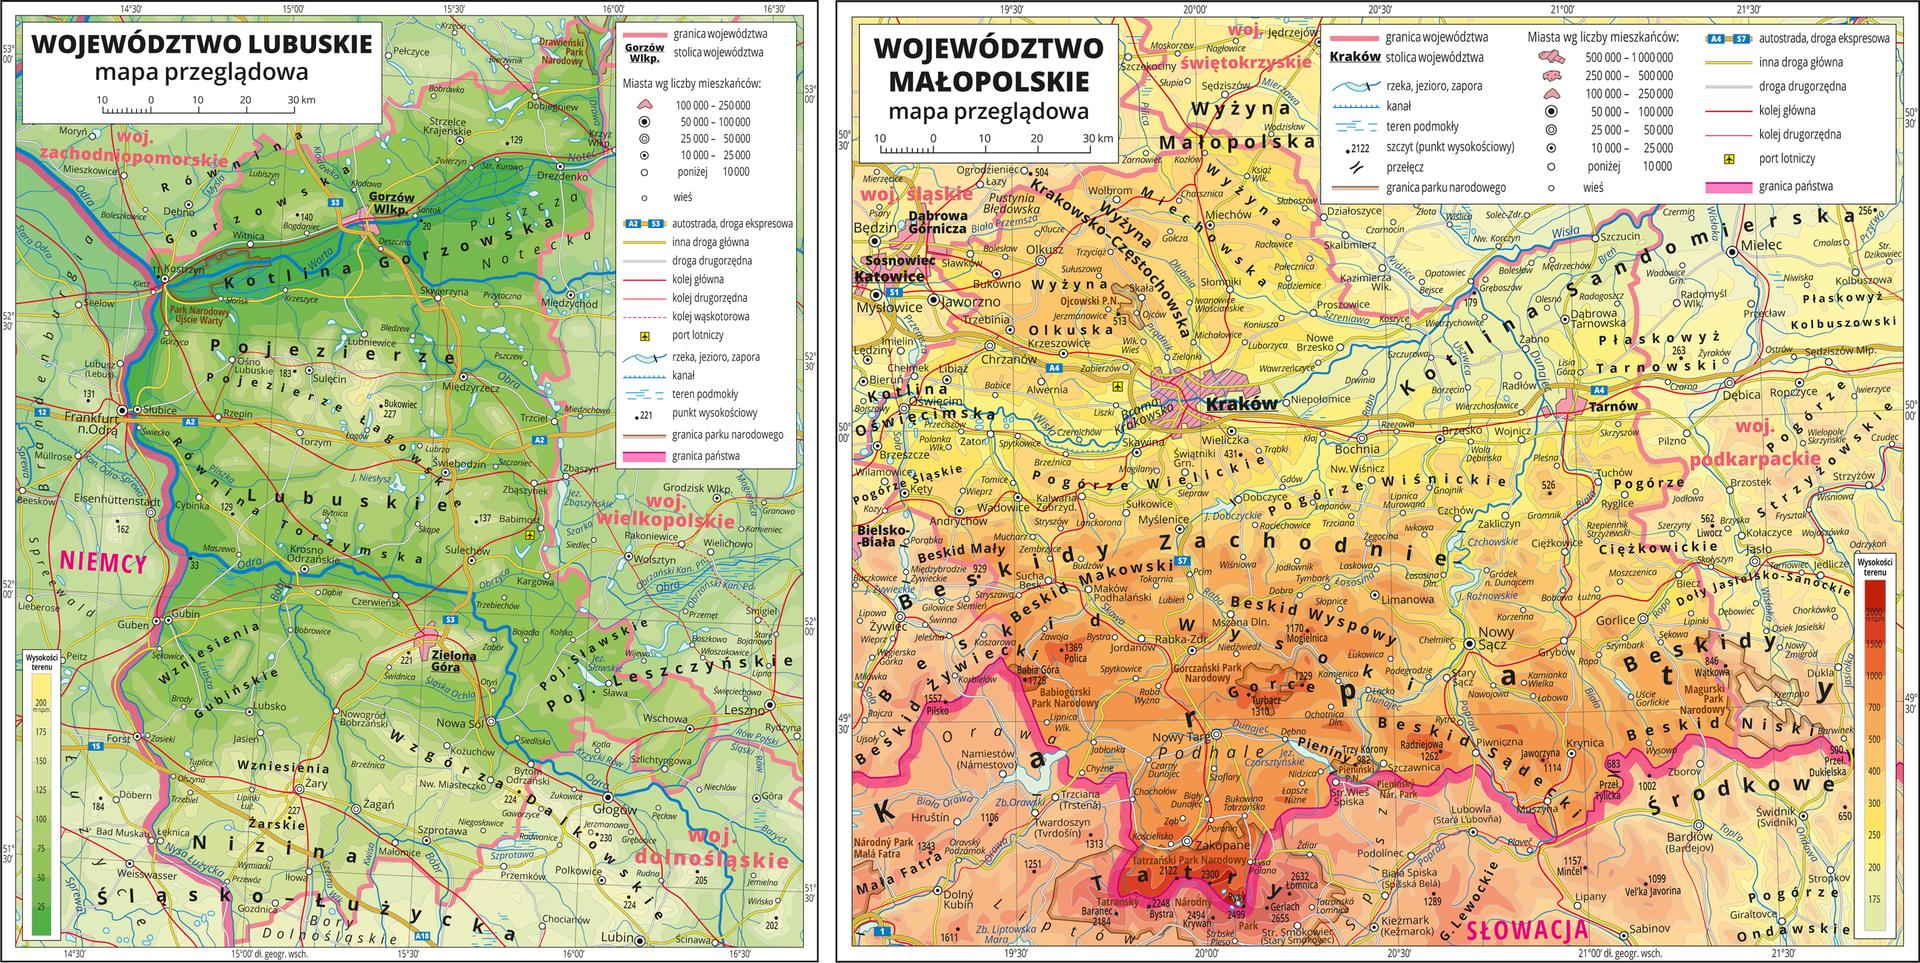 Ilustracja przedstawia dwie mapy poziomicowe. Od lewej mapa terenu równinnego, na którym widoczny jest kolor: ciemnozielony, zielony ijasnozielony. Po prawej stronie widoczna mapa terenu wyżynnego igórzystego, na którym widoczny jest kolor: żółty, pomarańczowy, brązowy, ciemnobrązowy iczerwony.